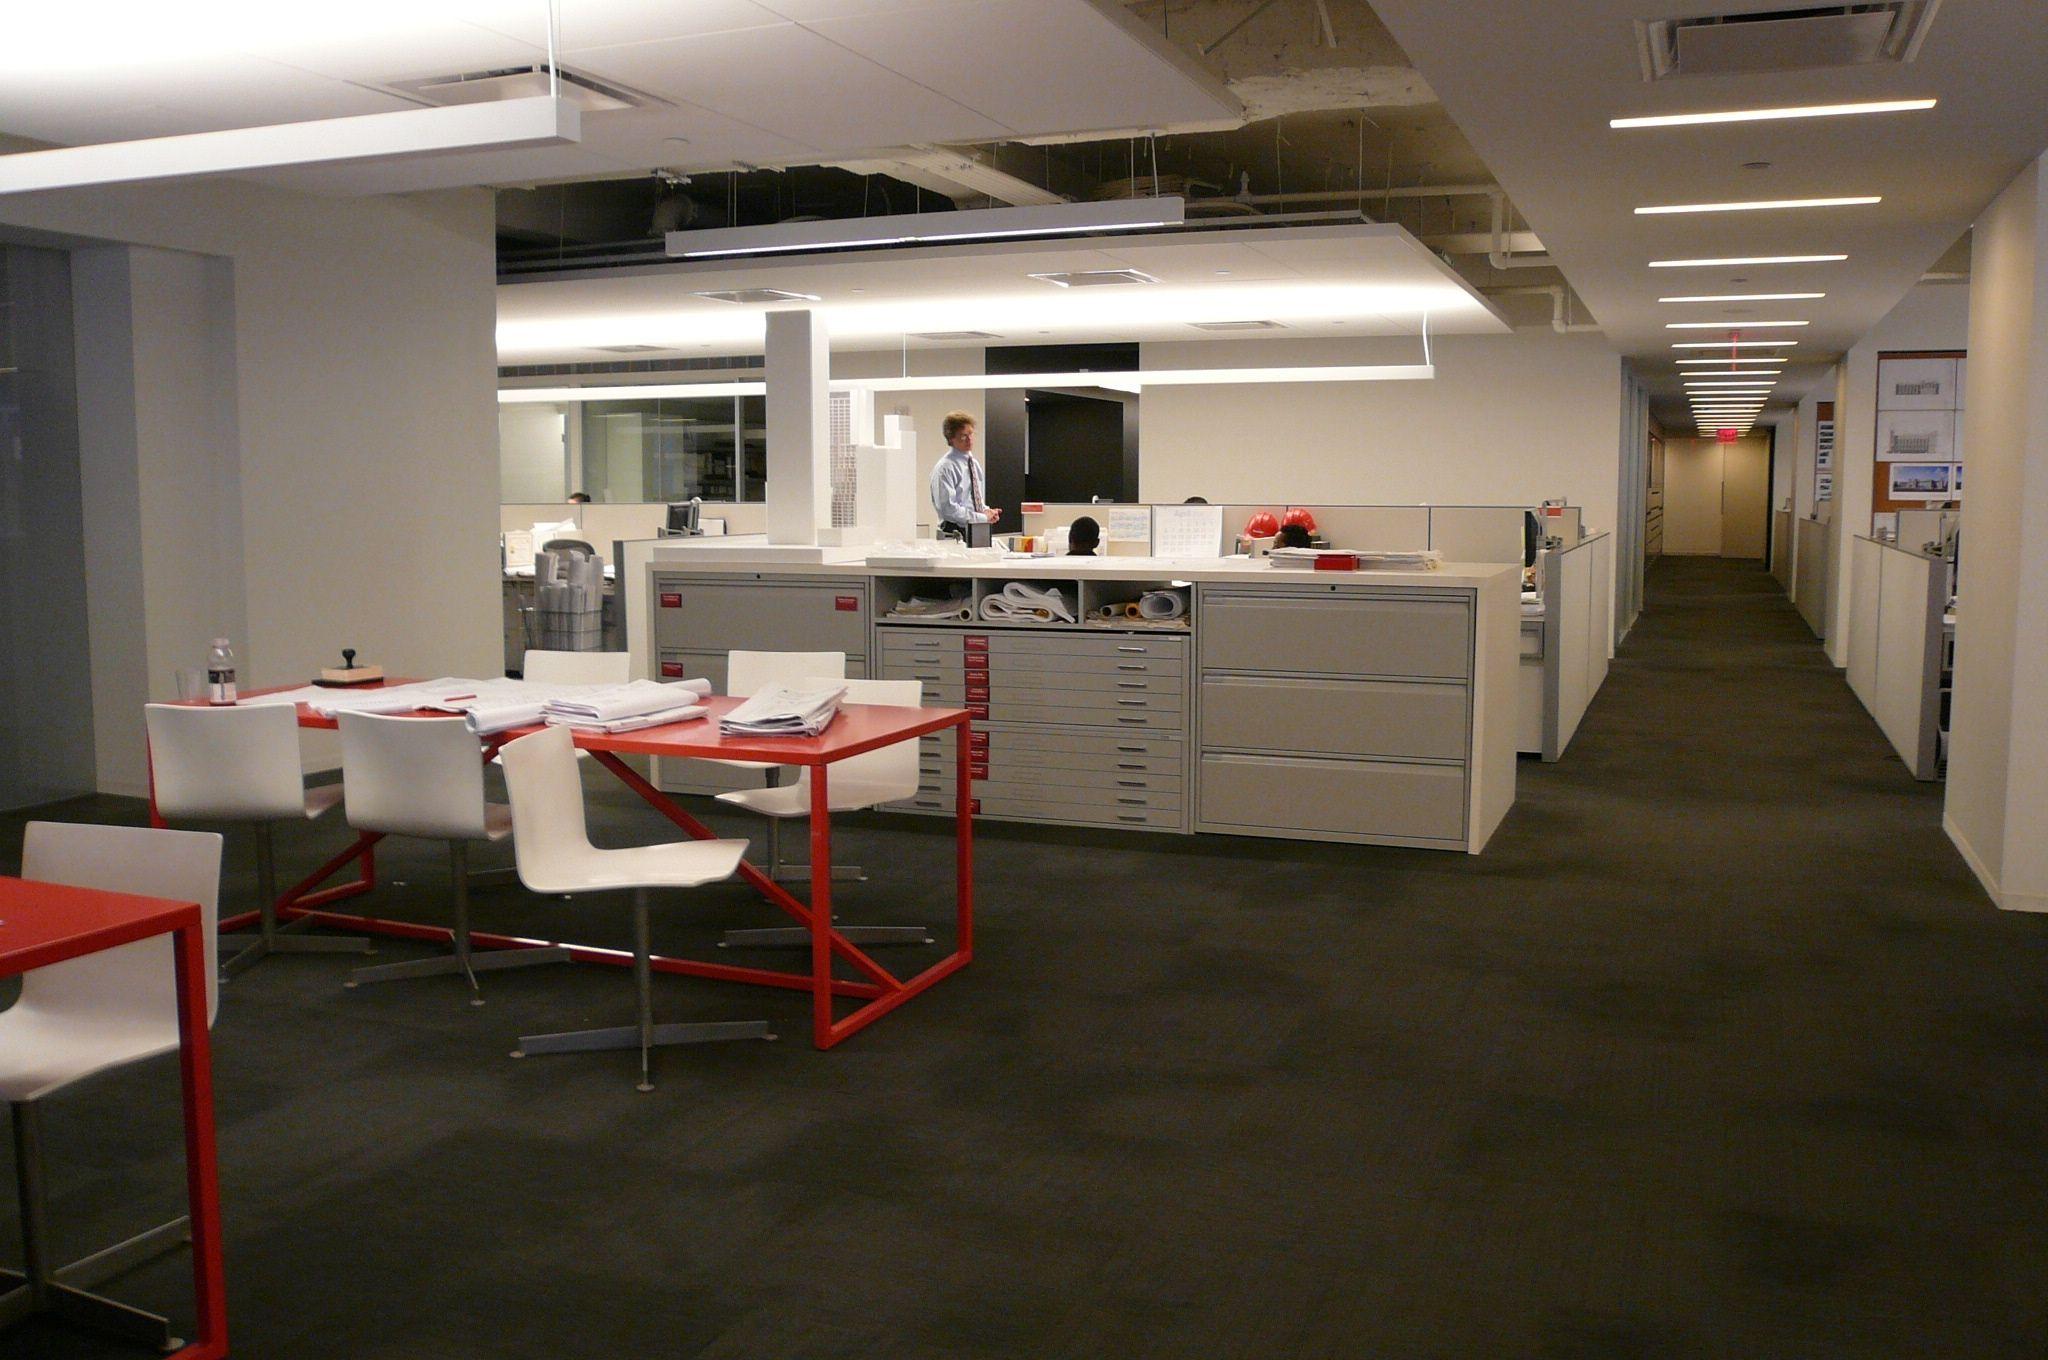 사무실 인테리어 - Google Search  Office  Pinterest  현대적인